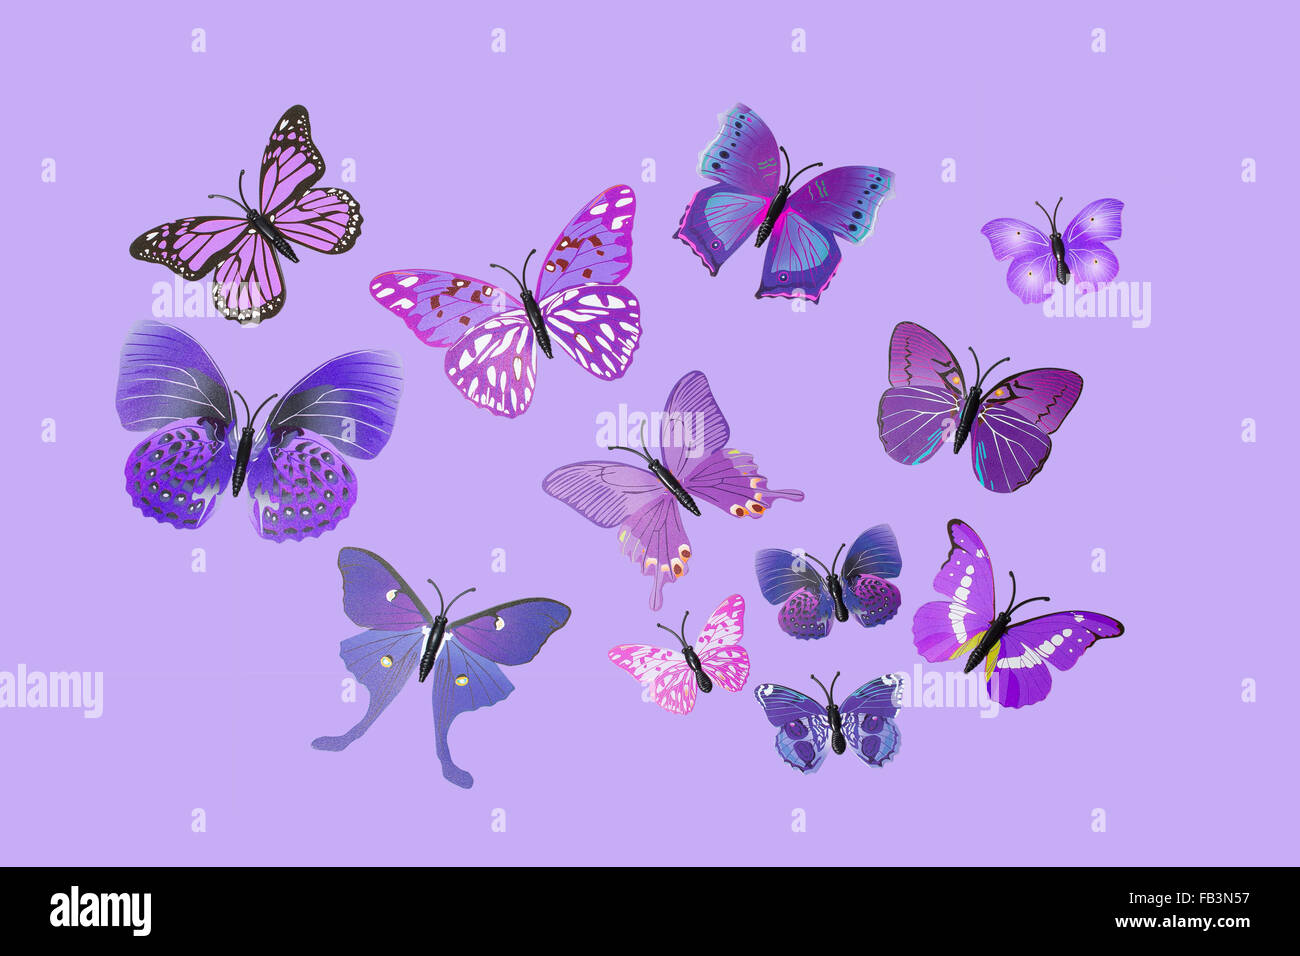 Raccolta di Viola Farfalle Fantasia Clip Art Immagini Stock